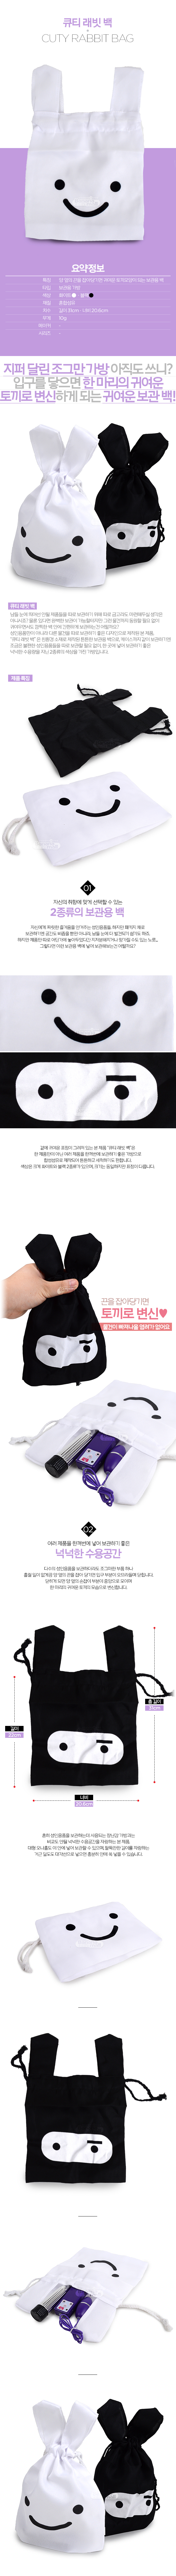 [보관용 가방] 큐티 래빗 백(Cuty Rabbit Bag)